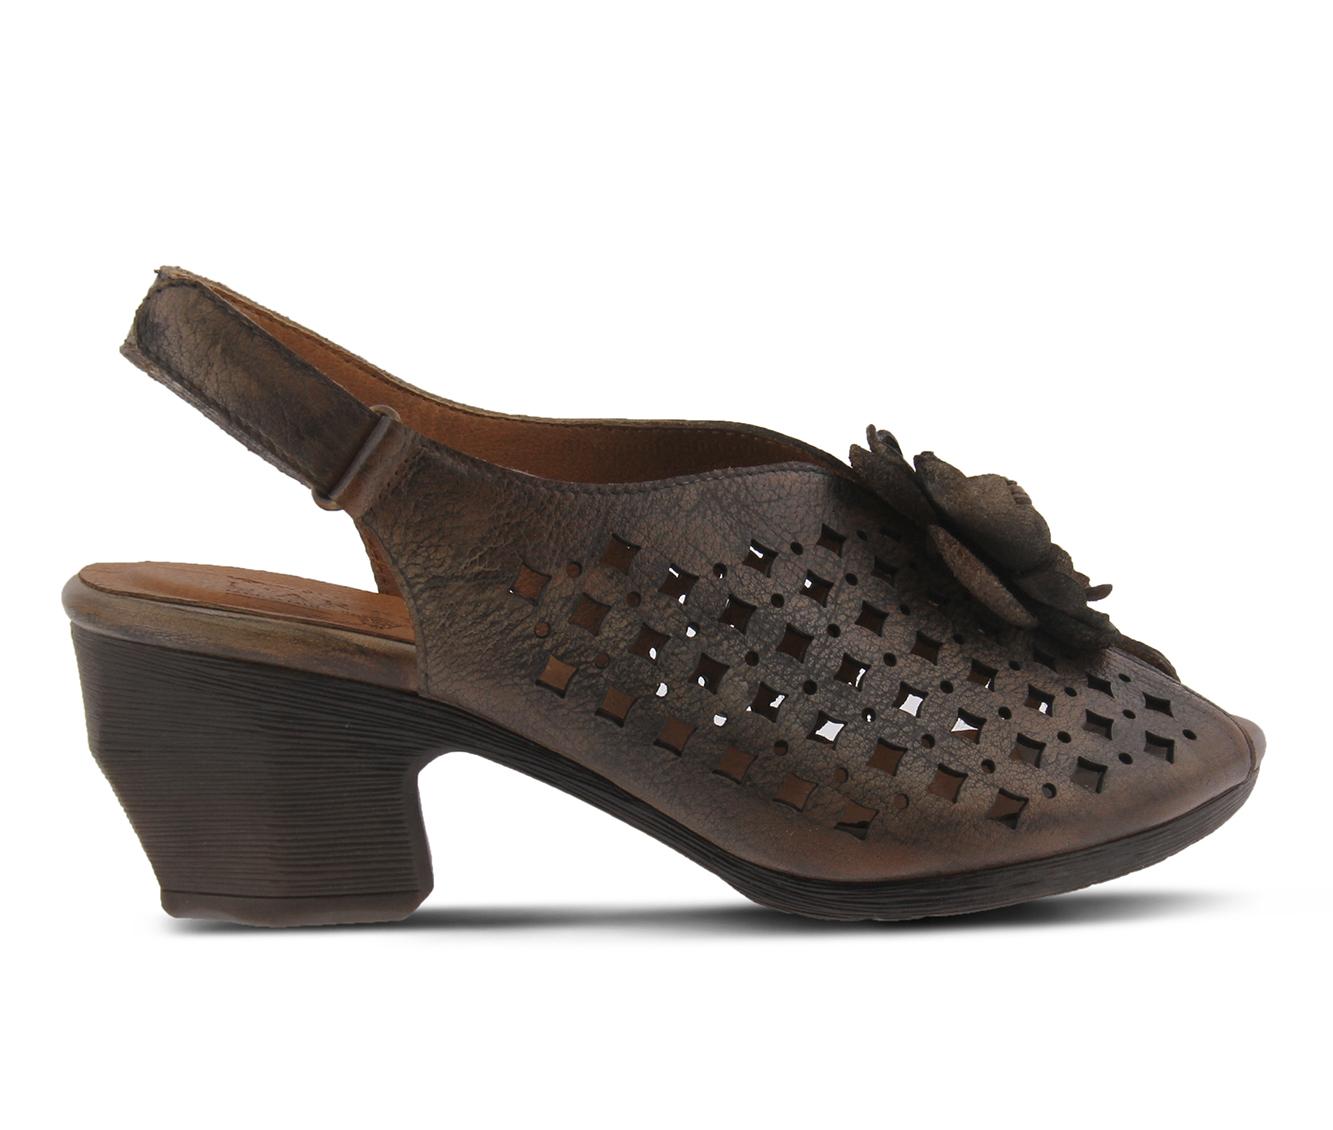 L'Artiste Lovella Women's Dress Shoe (Gray Leather)